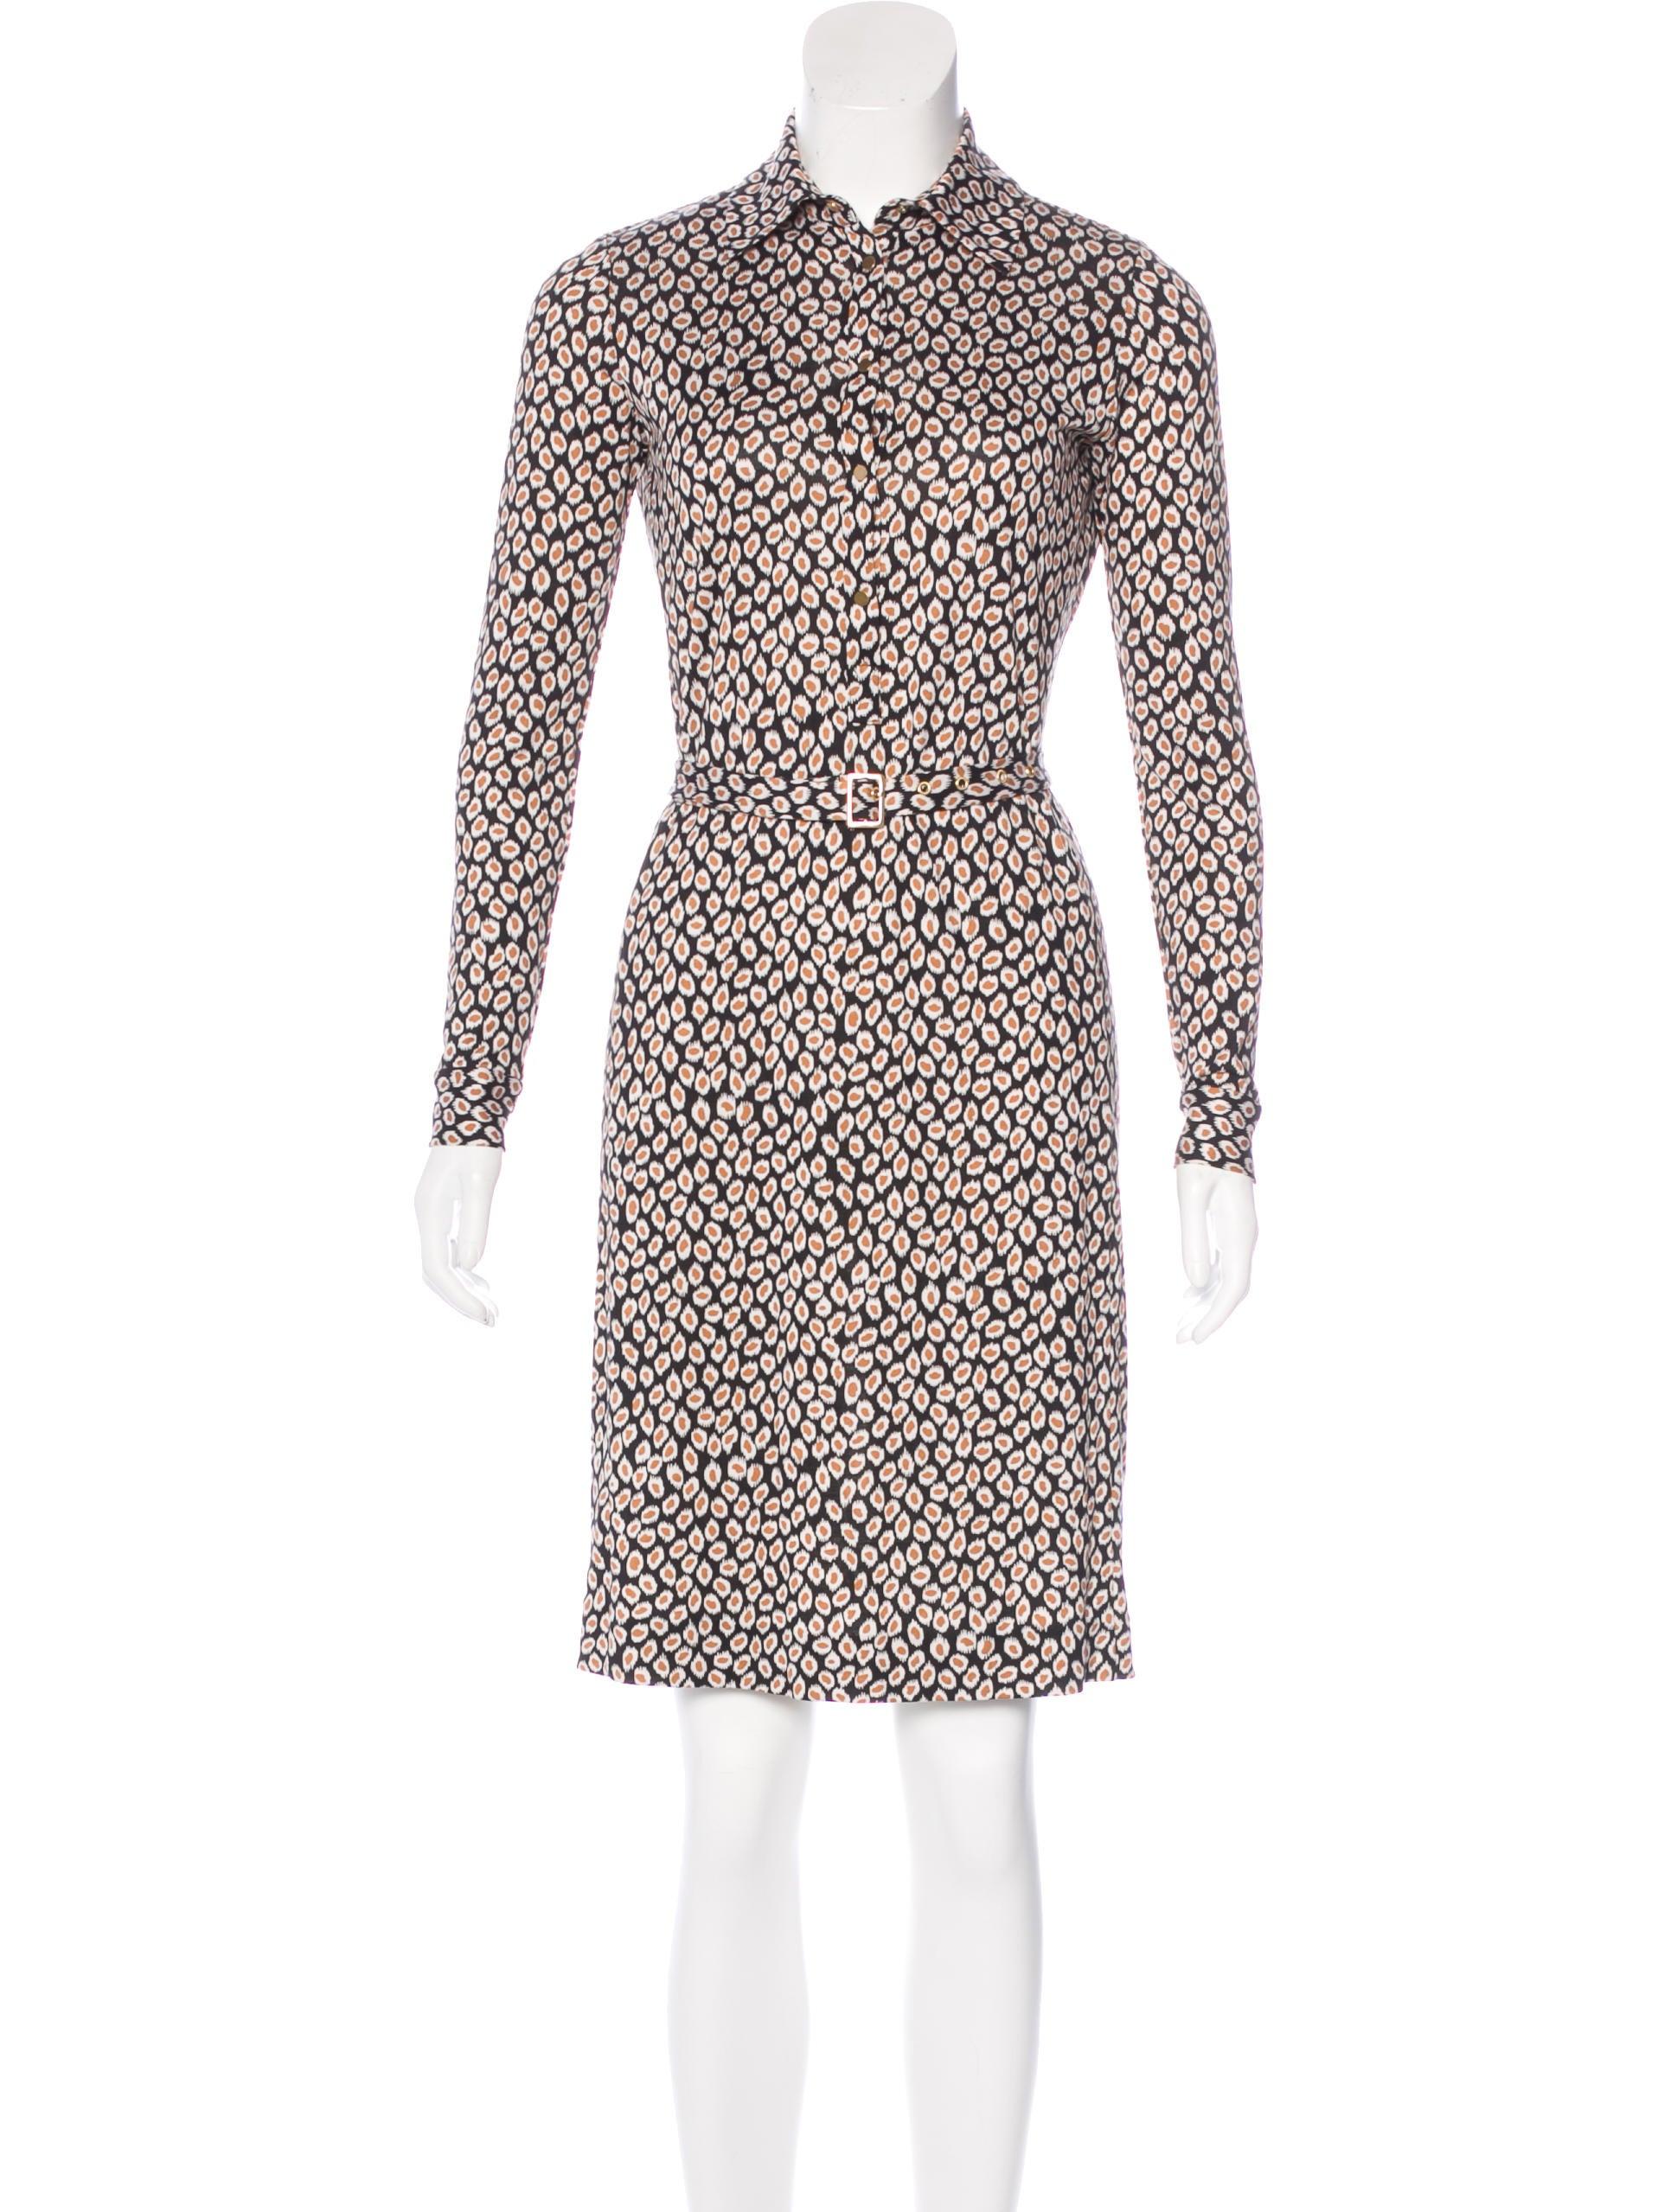 Diane von furstenberg marcie silk dress clothing for Diane von furstenberg shirt